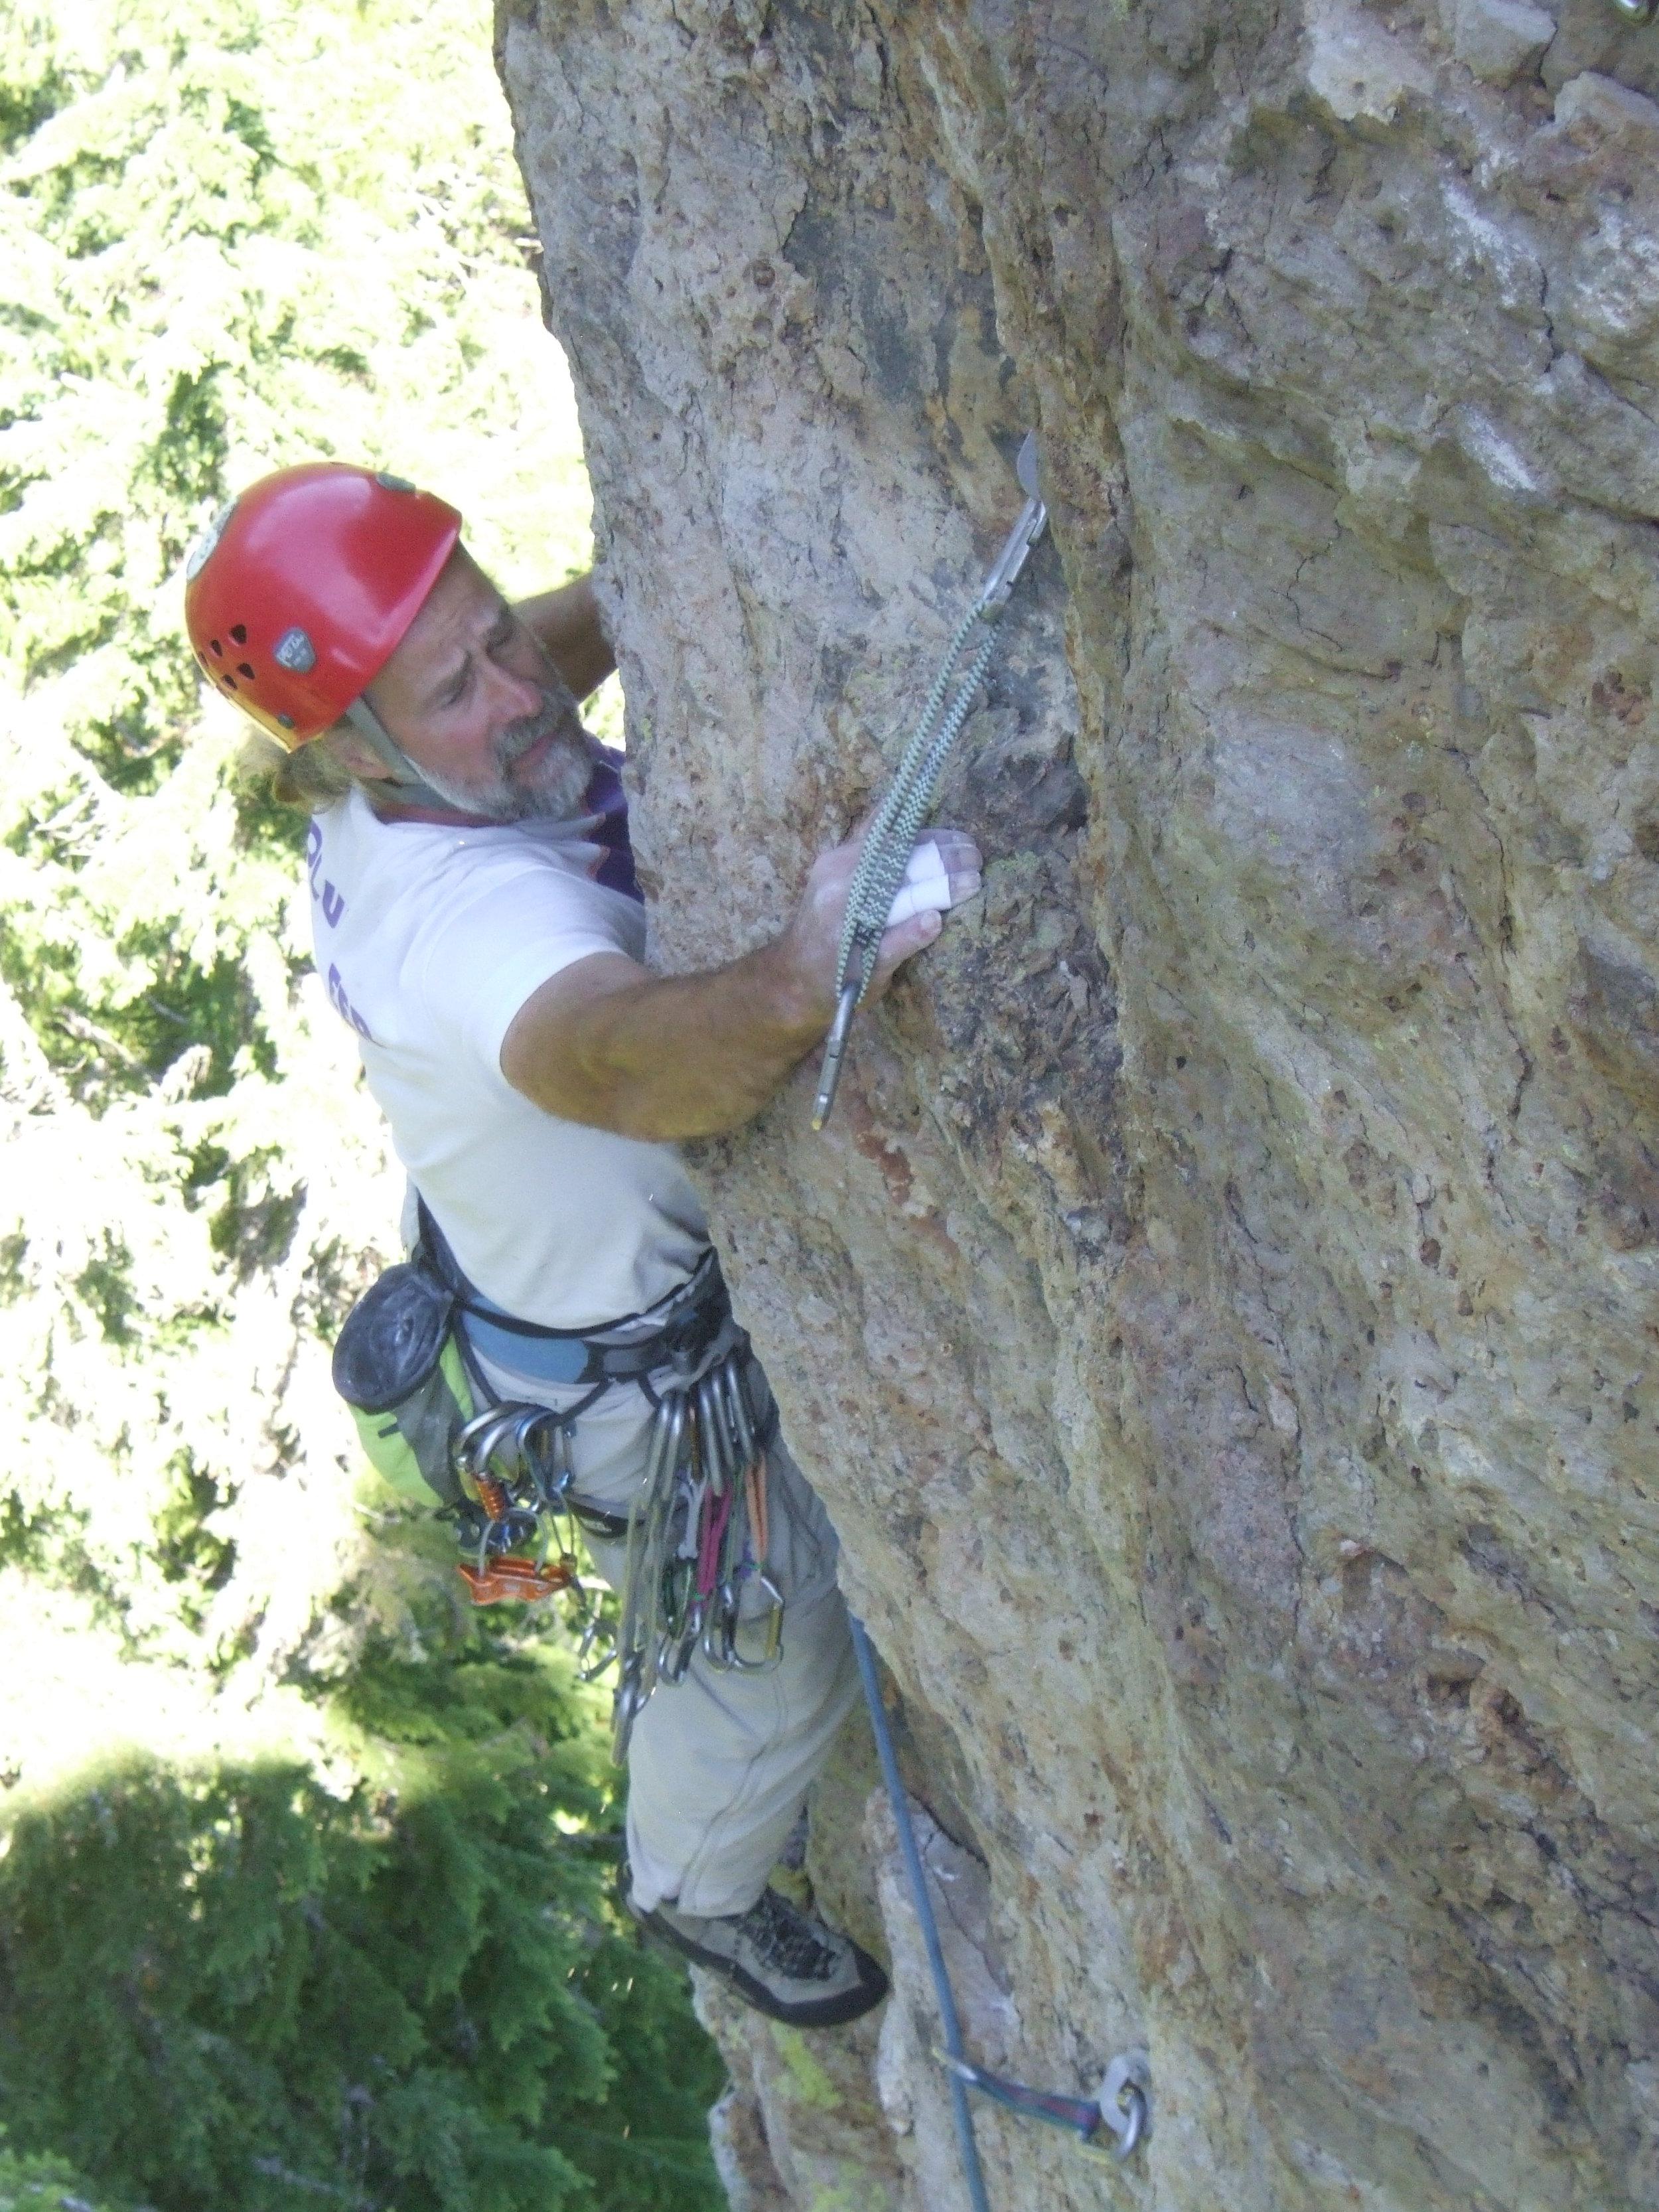 Steve Elder - Chapter Chair - Climber of most disciplines...rock, ice, mountains. Mountain biker, hiker.